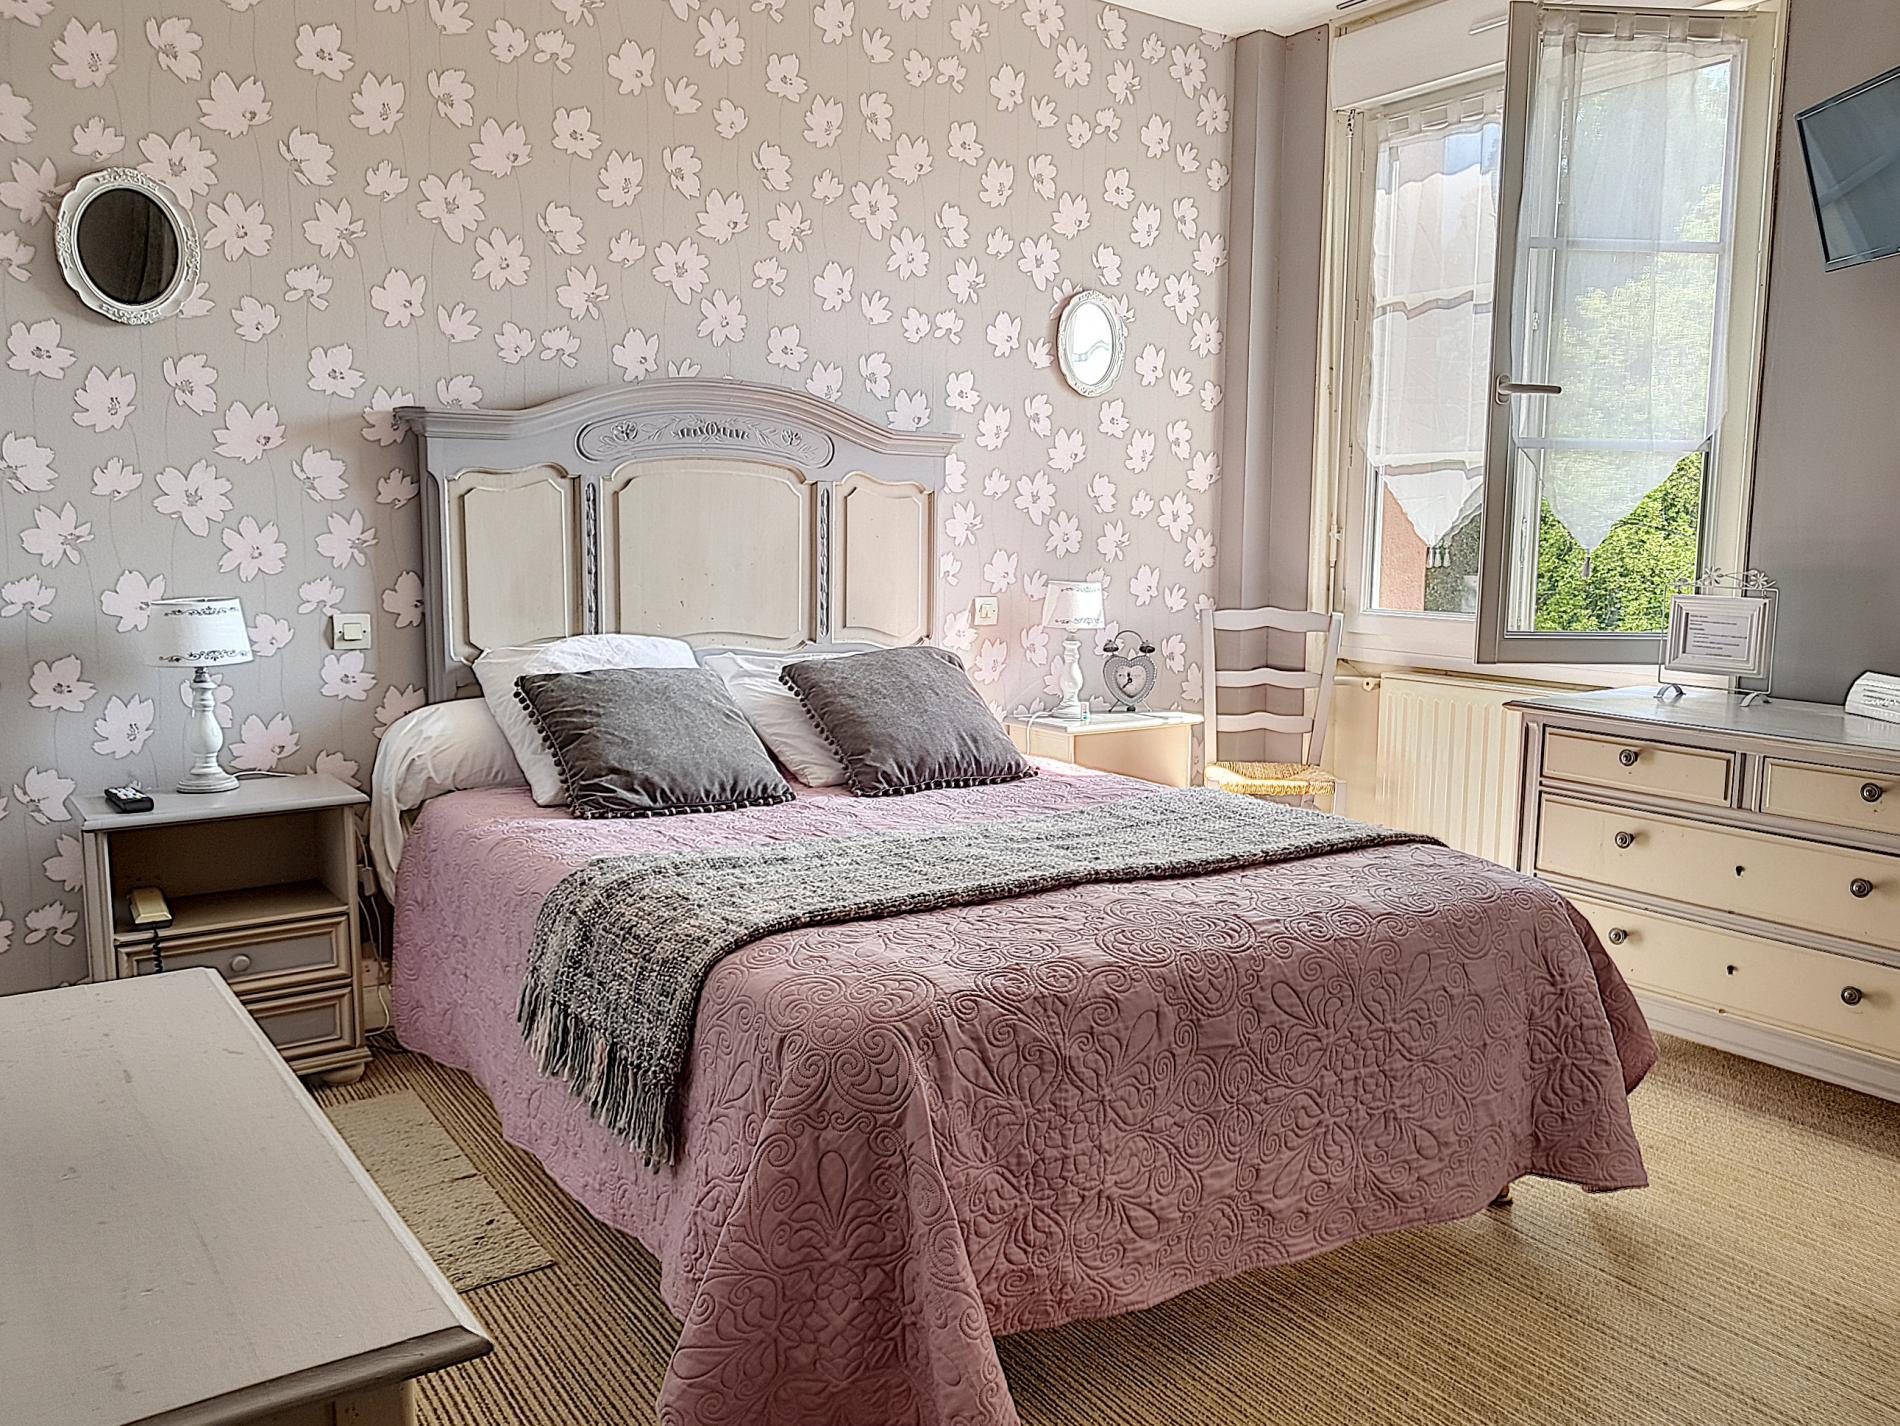 Le clos joli maison d 39 h tes bagnoles de l 39 orne table et chambres d 39 h tes de charme - Chambre d hote bagnoles de l orne ...